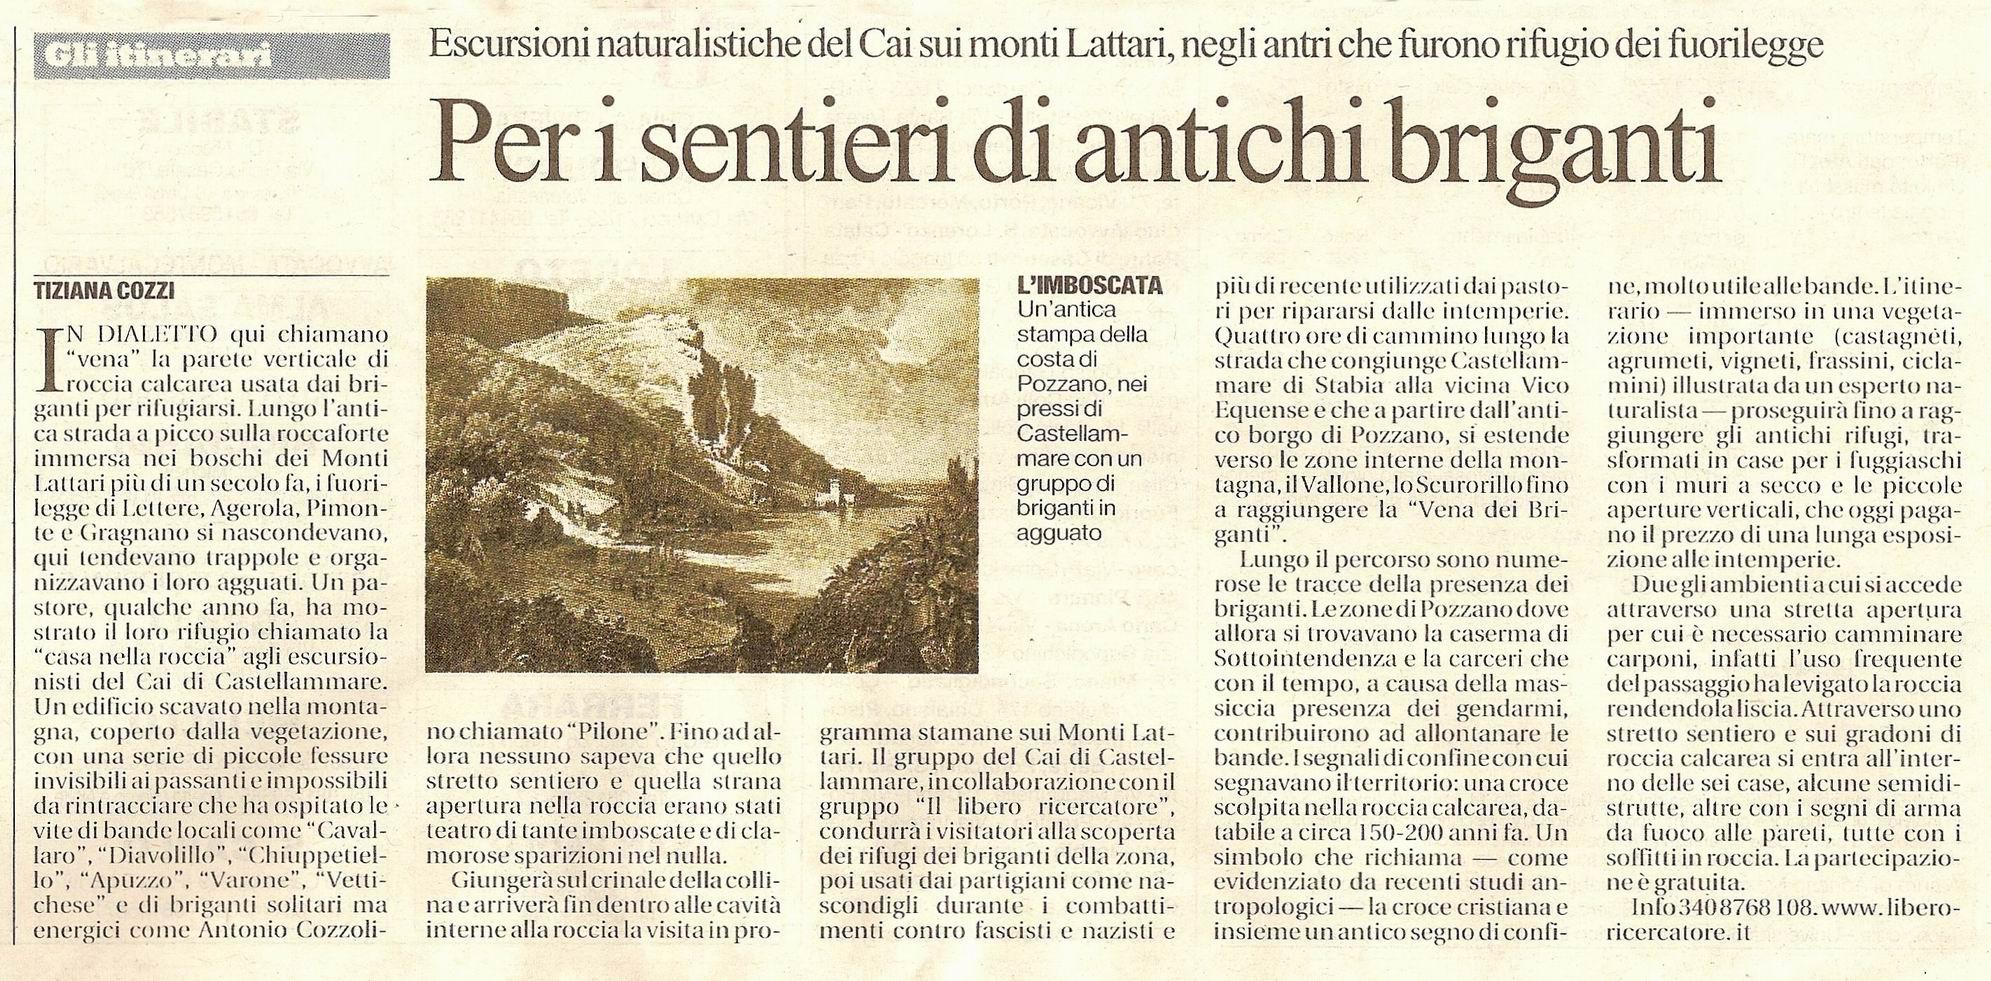 La Repubblica - Tiziana Cozzi (6 aprile 2008)